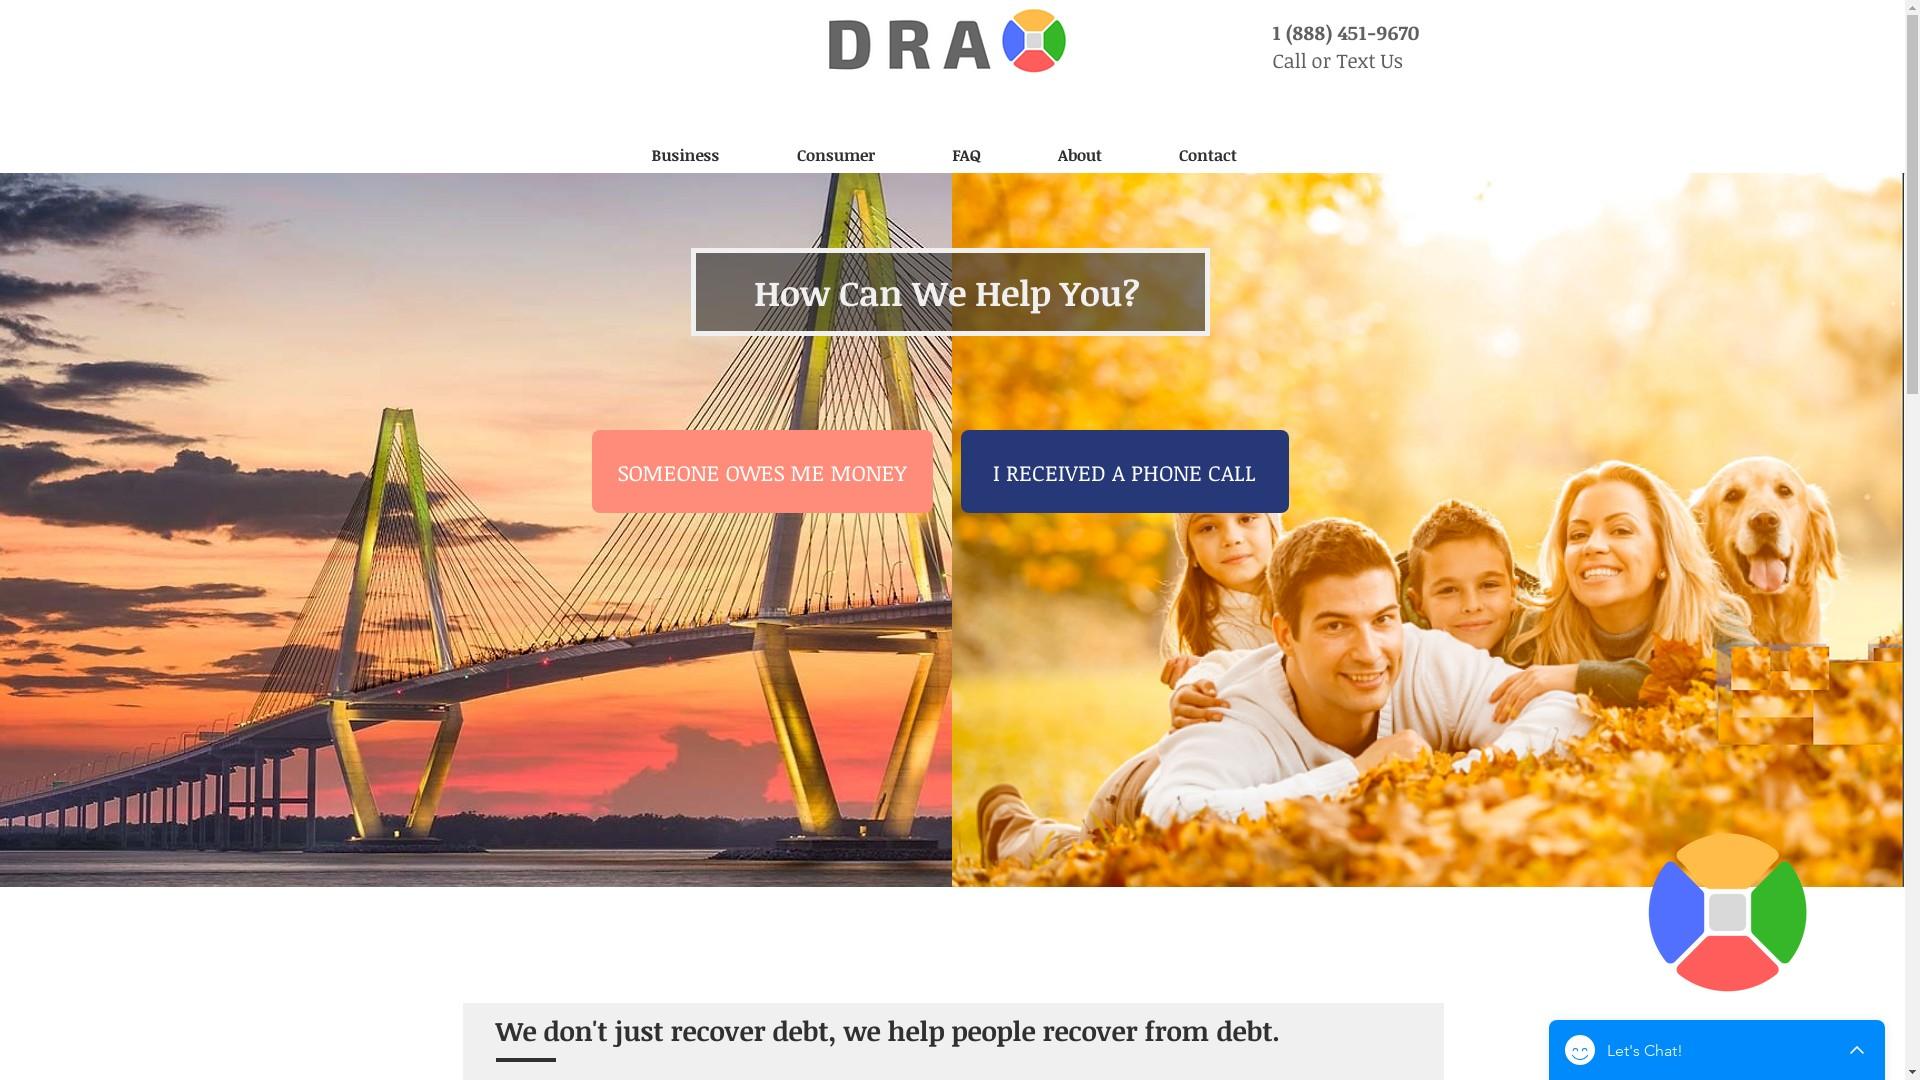 Is gotodra.com a Scam? DRA.com Calls